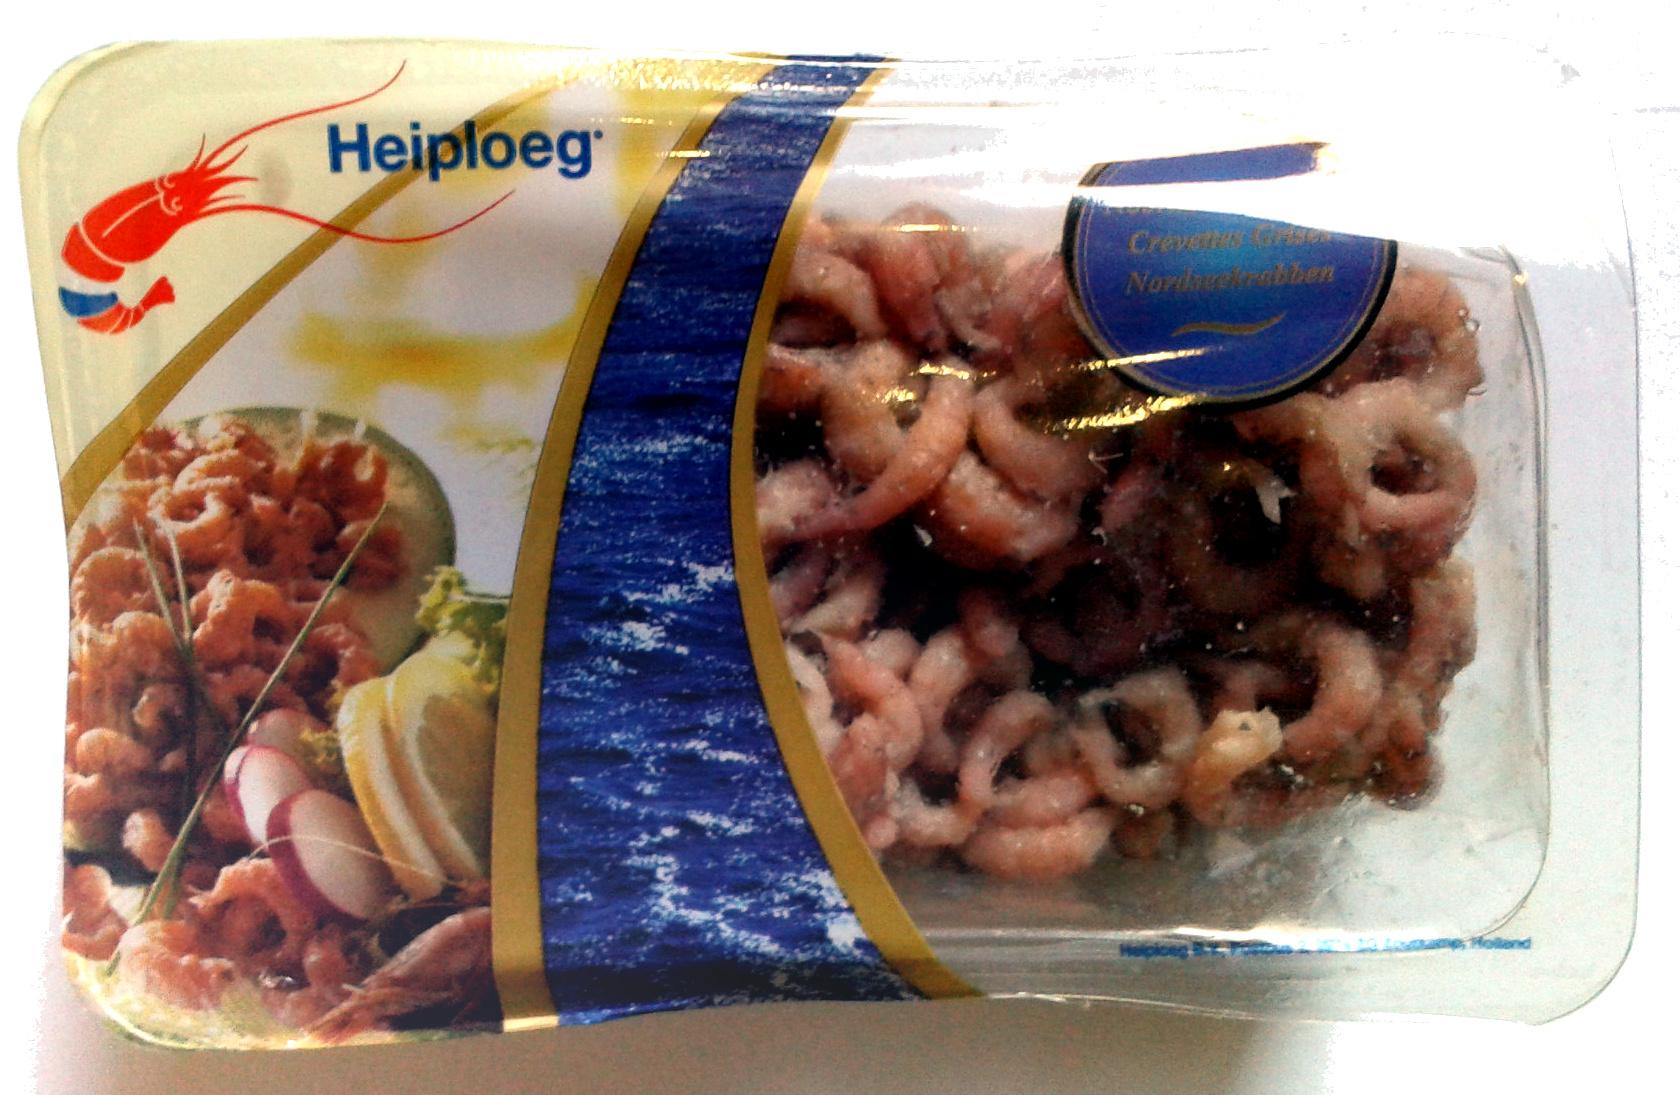 Crevettes grises cuites et décortiquées - Product - fr